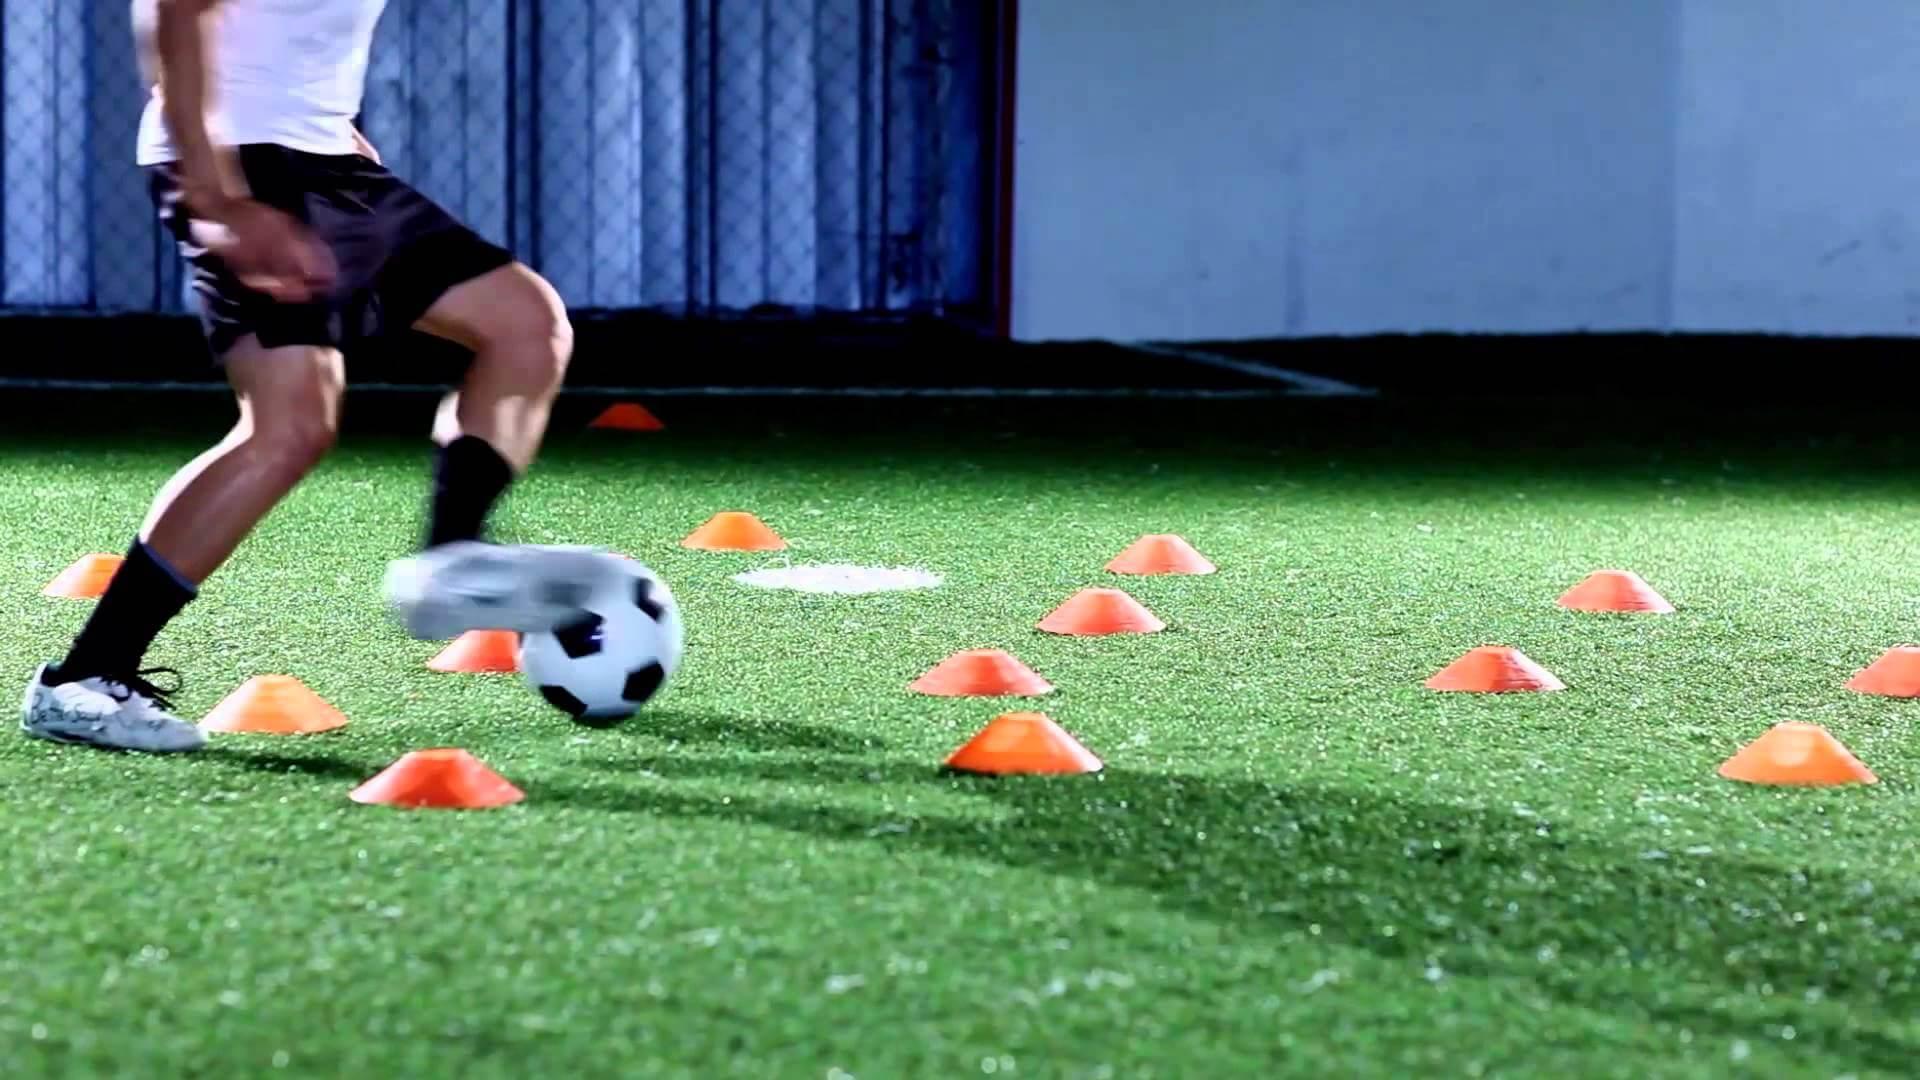 【論文紹介】異なるウォームアップ方法が,サッカー選手のペナルティーキック,ドリブル,スプリントのパフォーマンスに与える影響